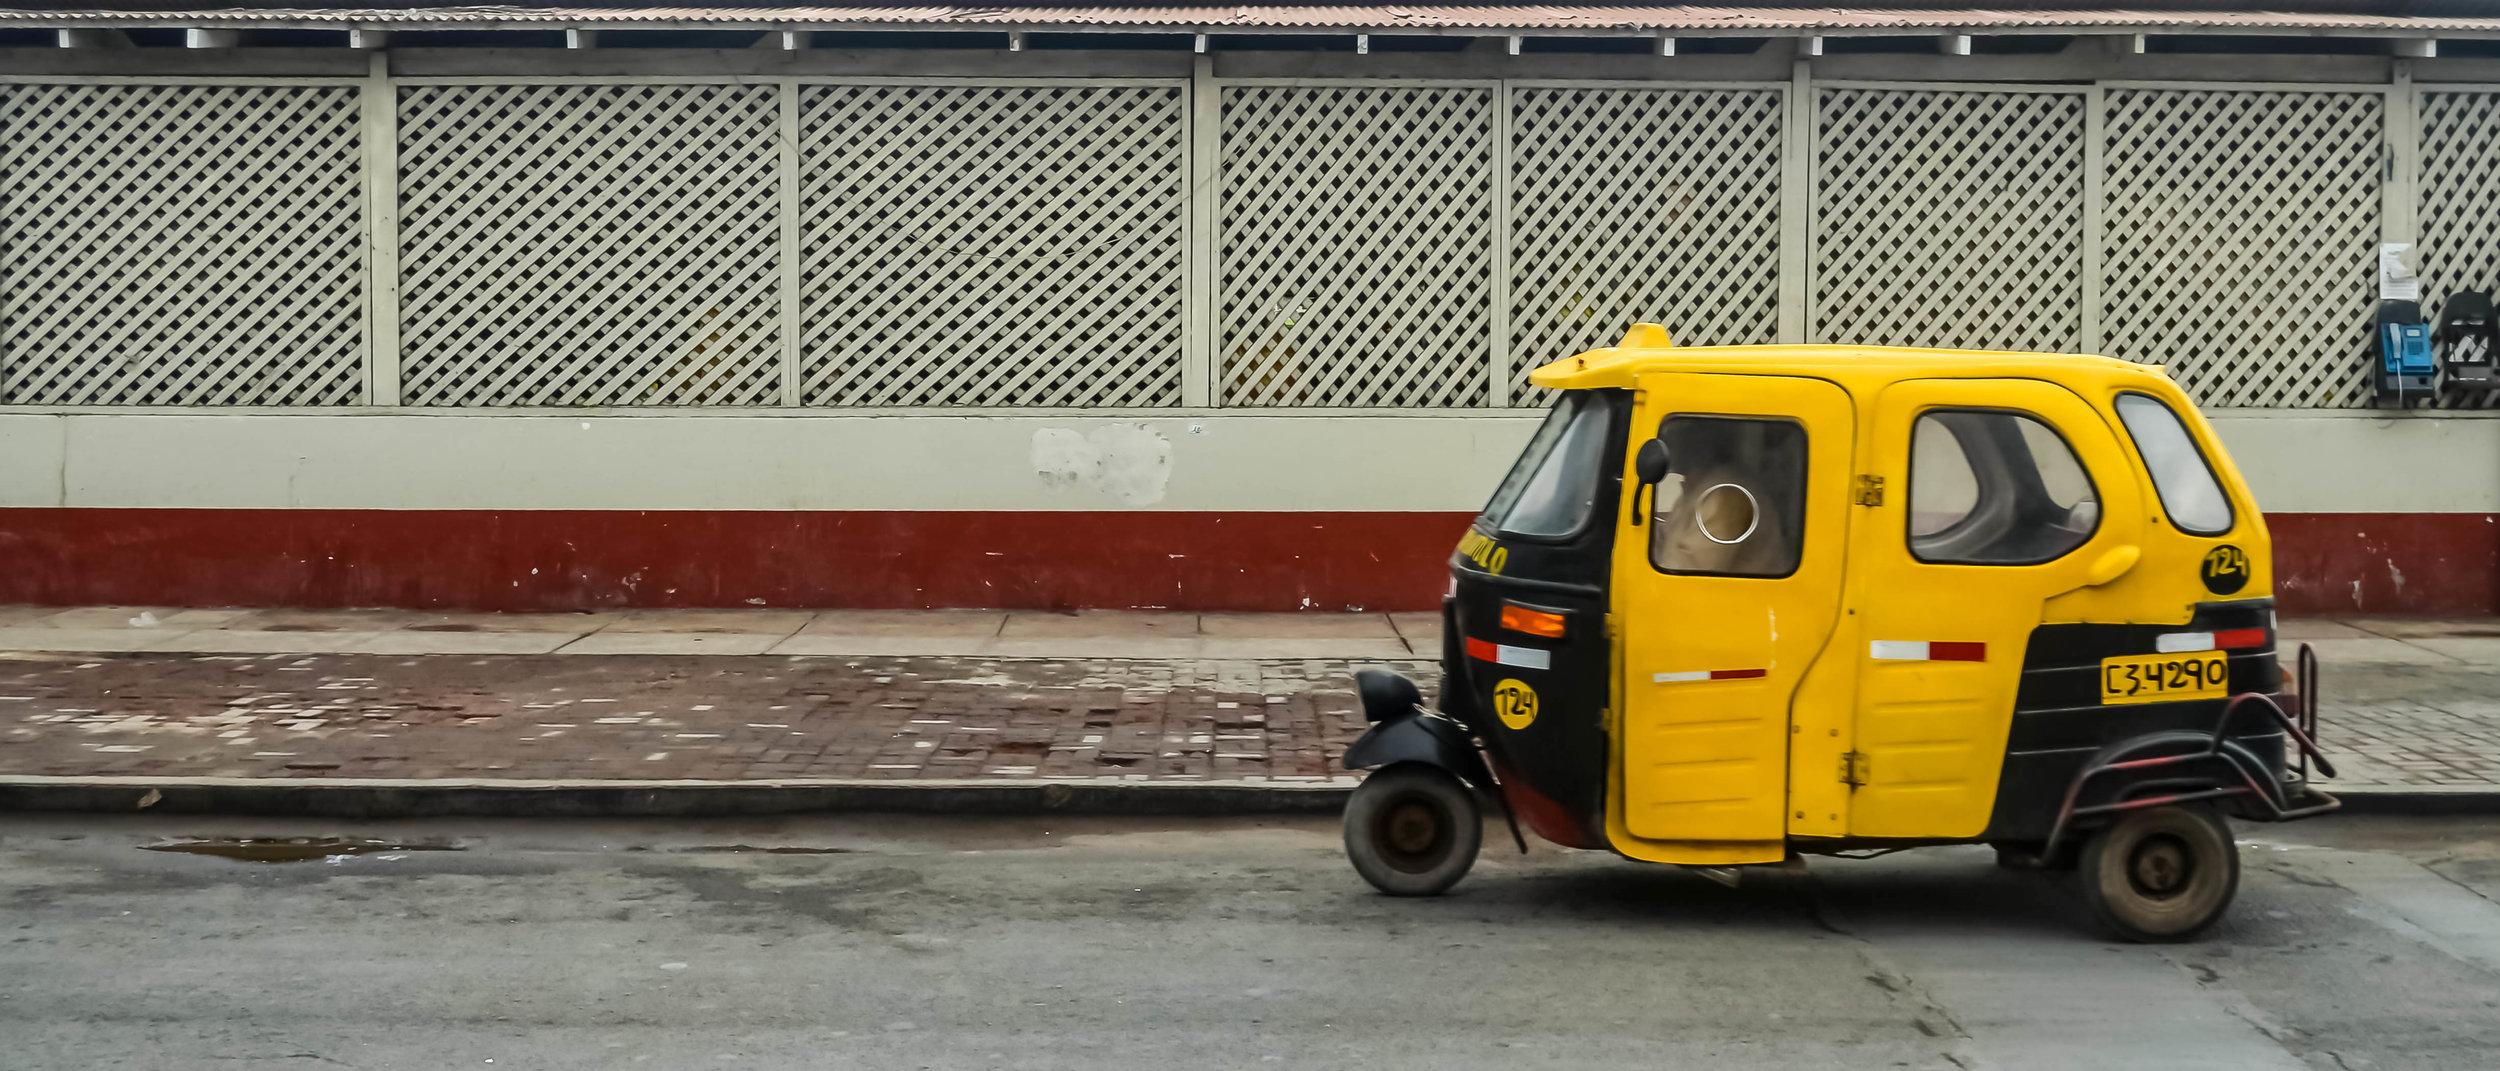 Cholo_Taxi.jpg